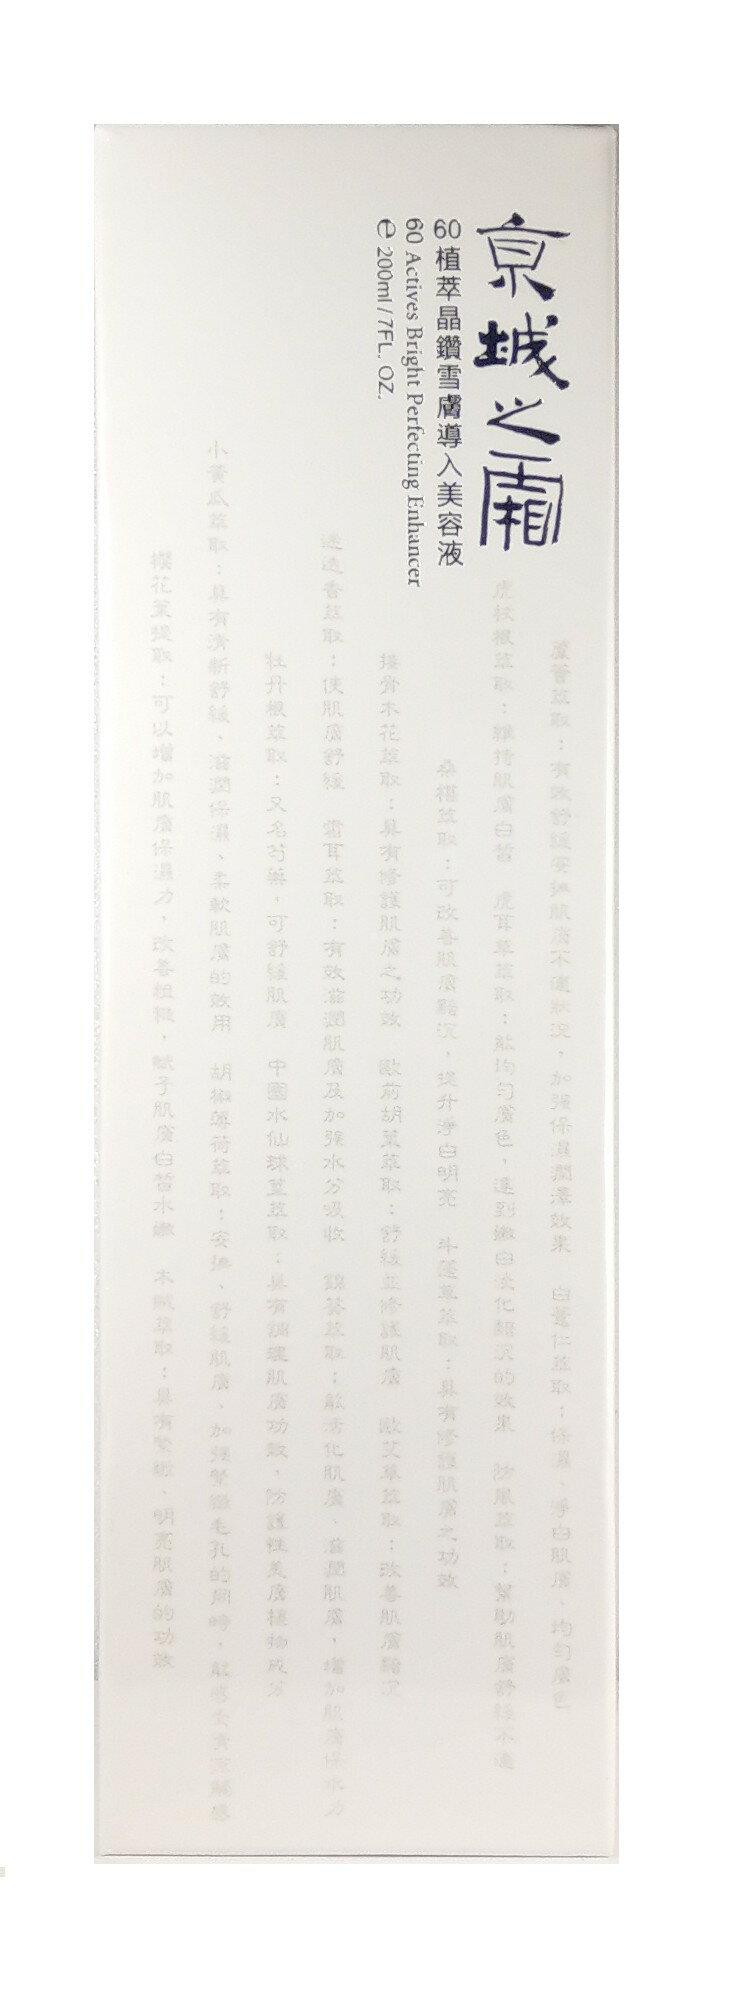 牛爾 京城之霜 60植萃晶鑽雪膚導入美容液 200ml/瓶◆德瑞健康家◆